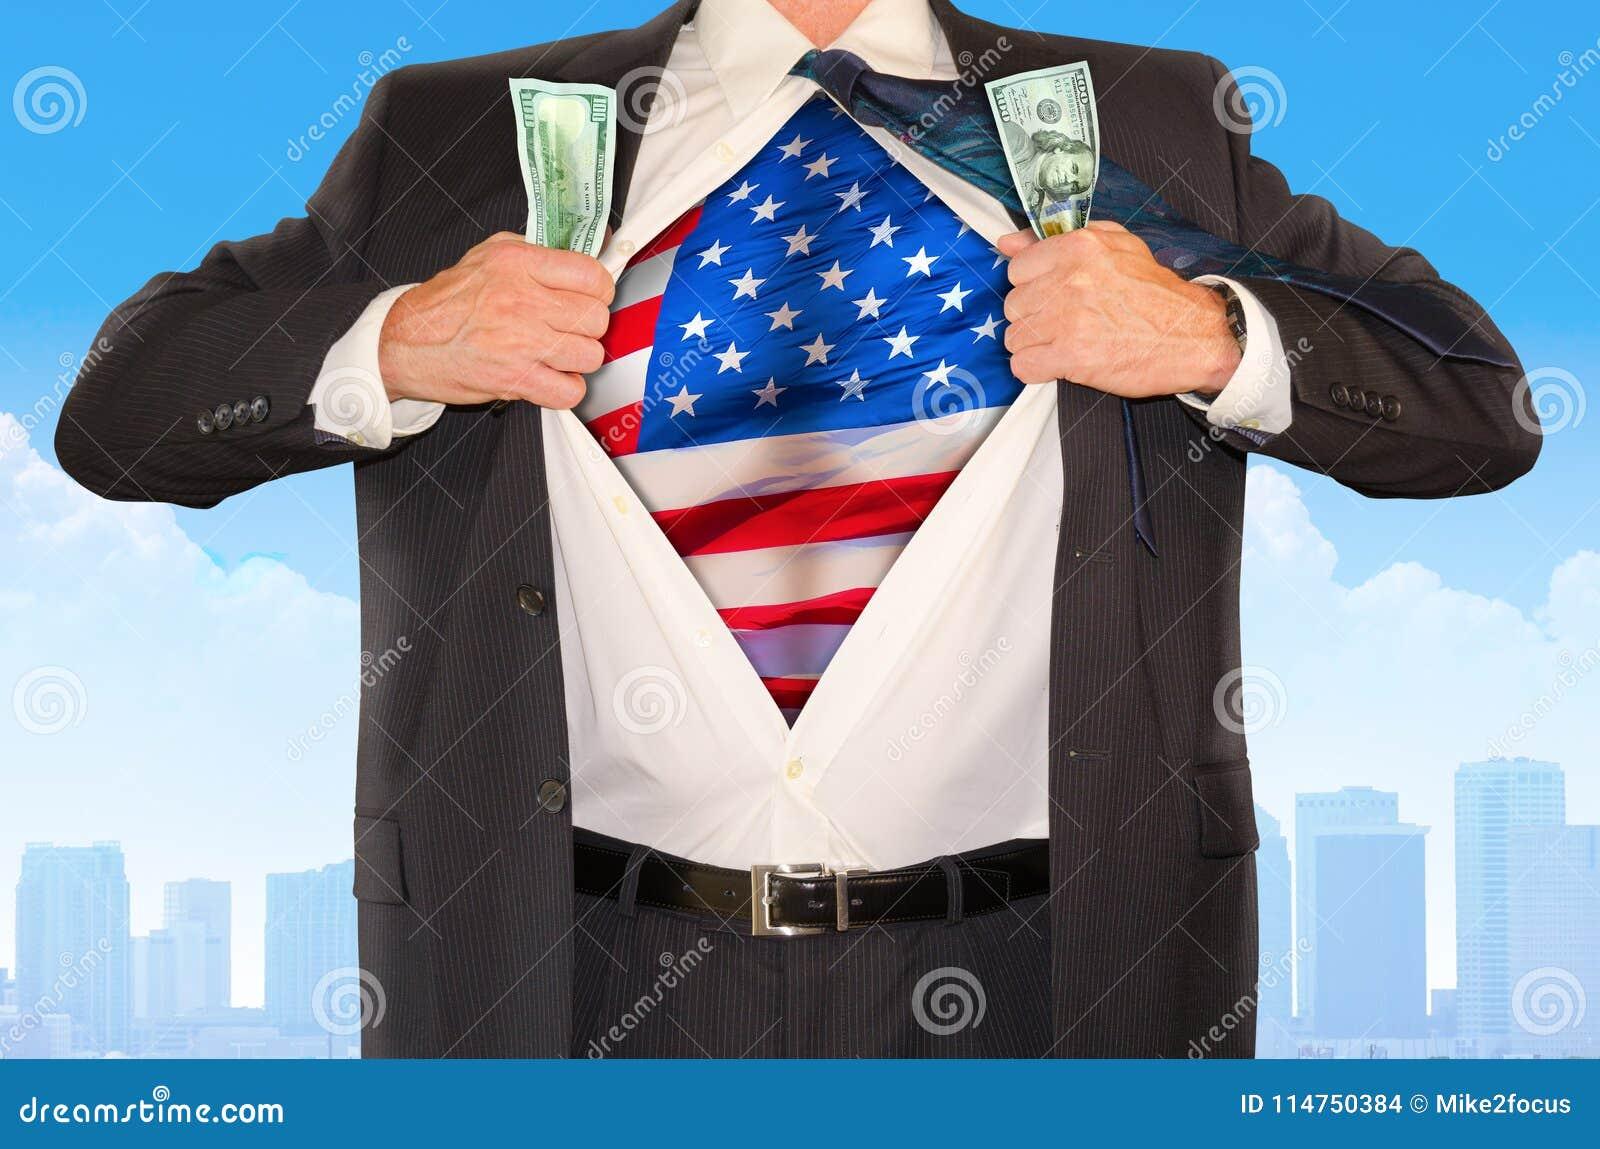 Affärsmansuperheroen som griper pengar och öppnar skjortan för att avslöja Amerikas förenta stater, sjunker